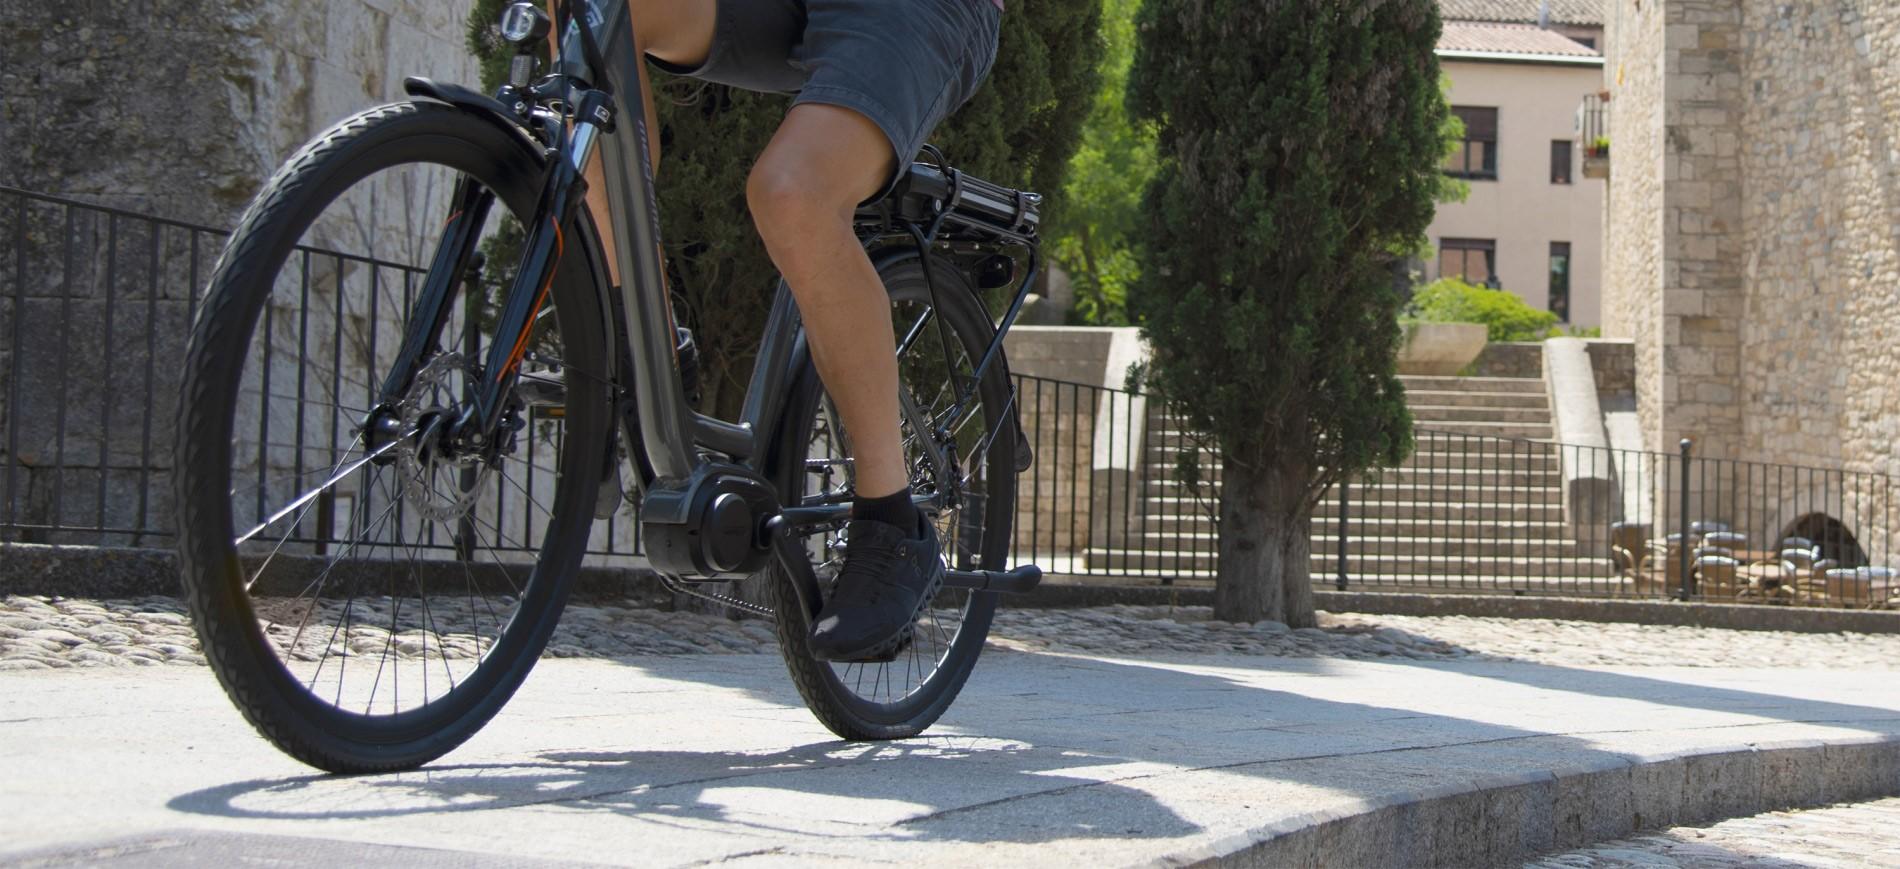 Nuovi modelli city E-bike Megamo